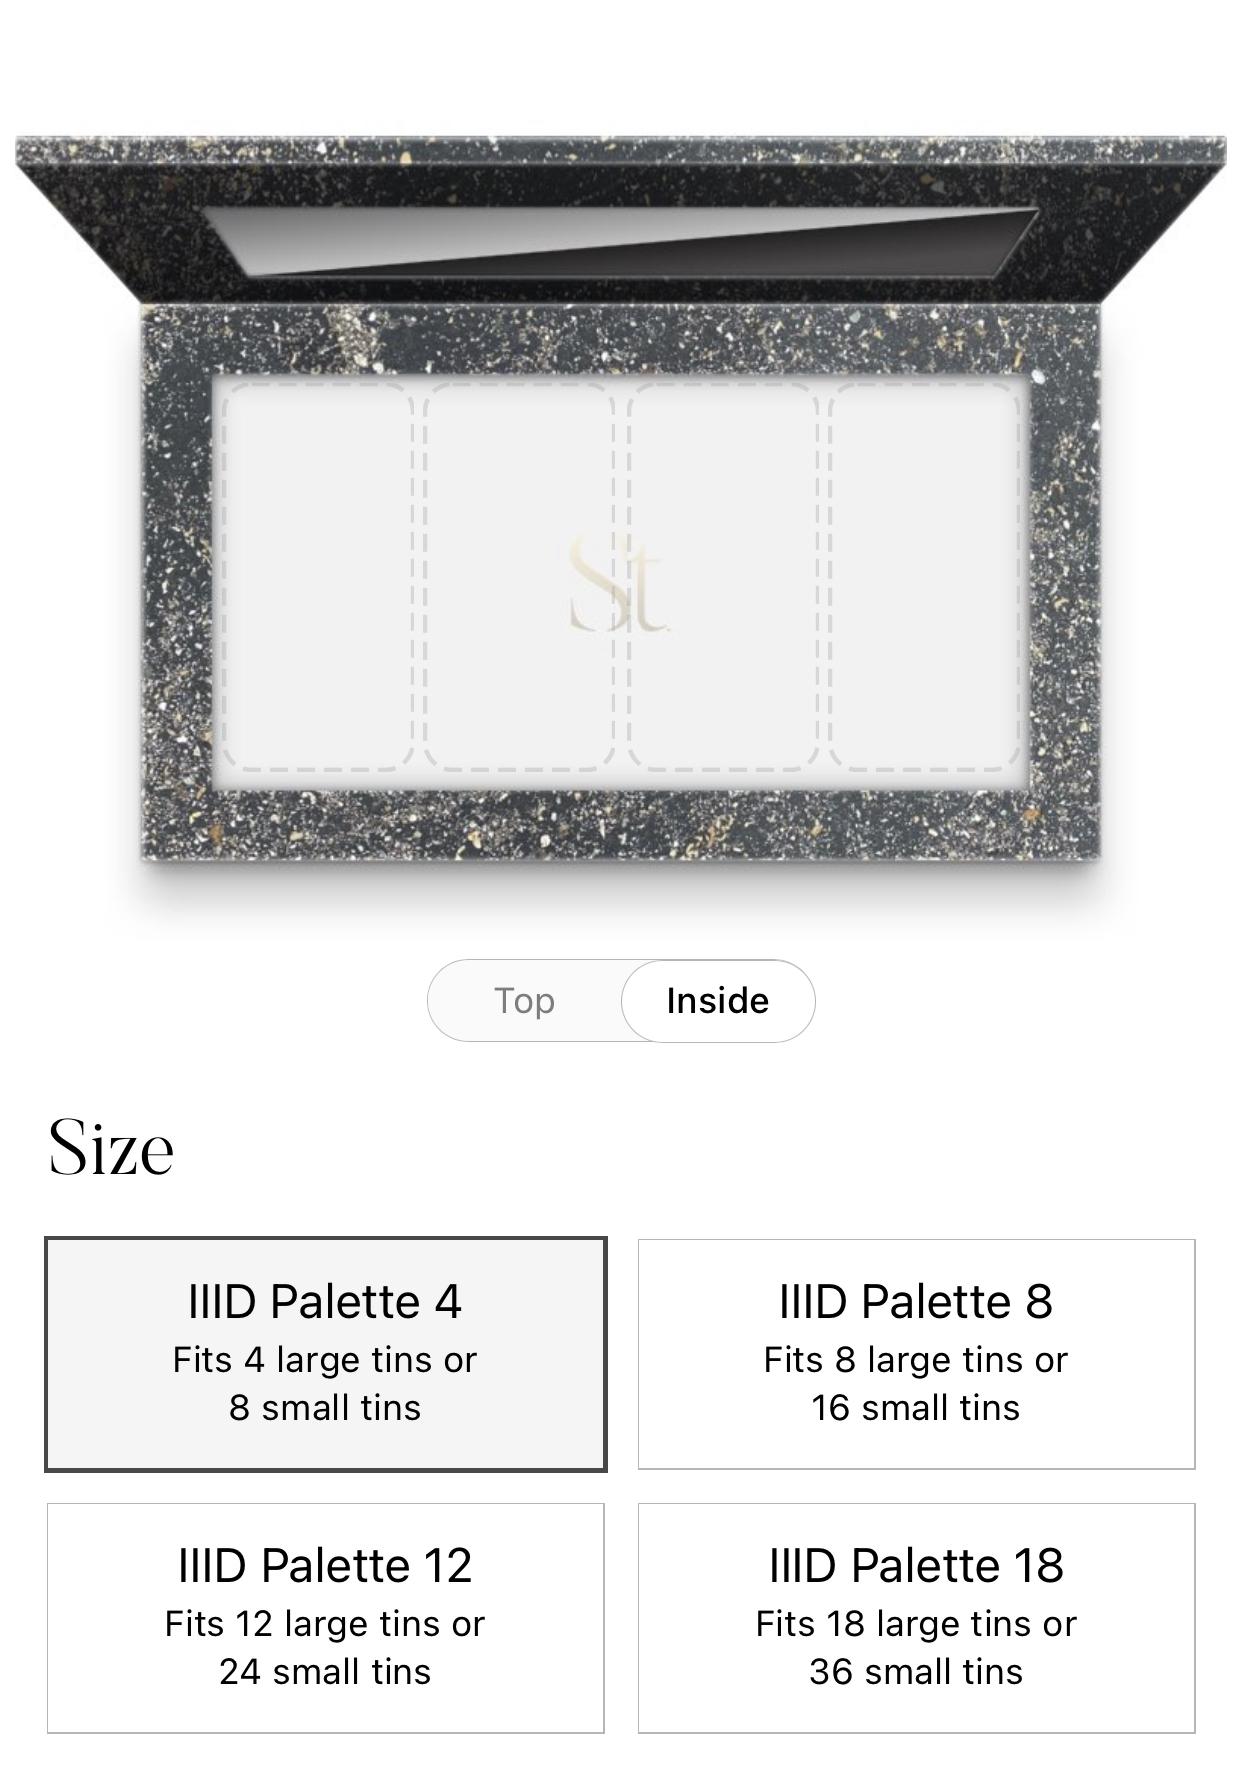 IIID Palette 4